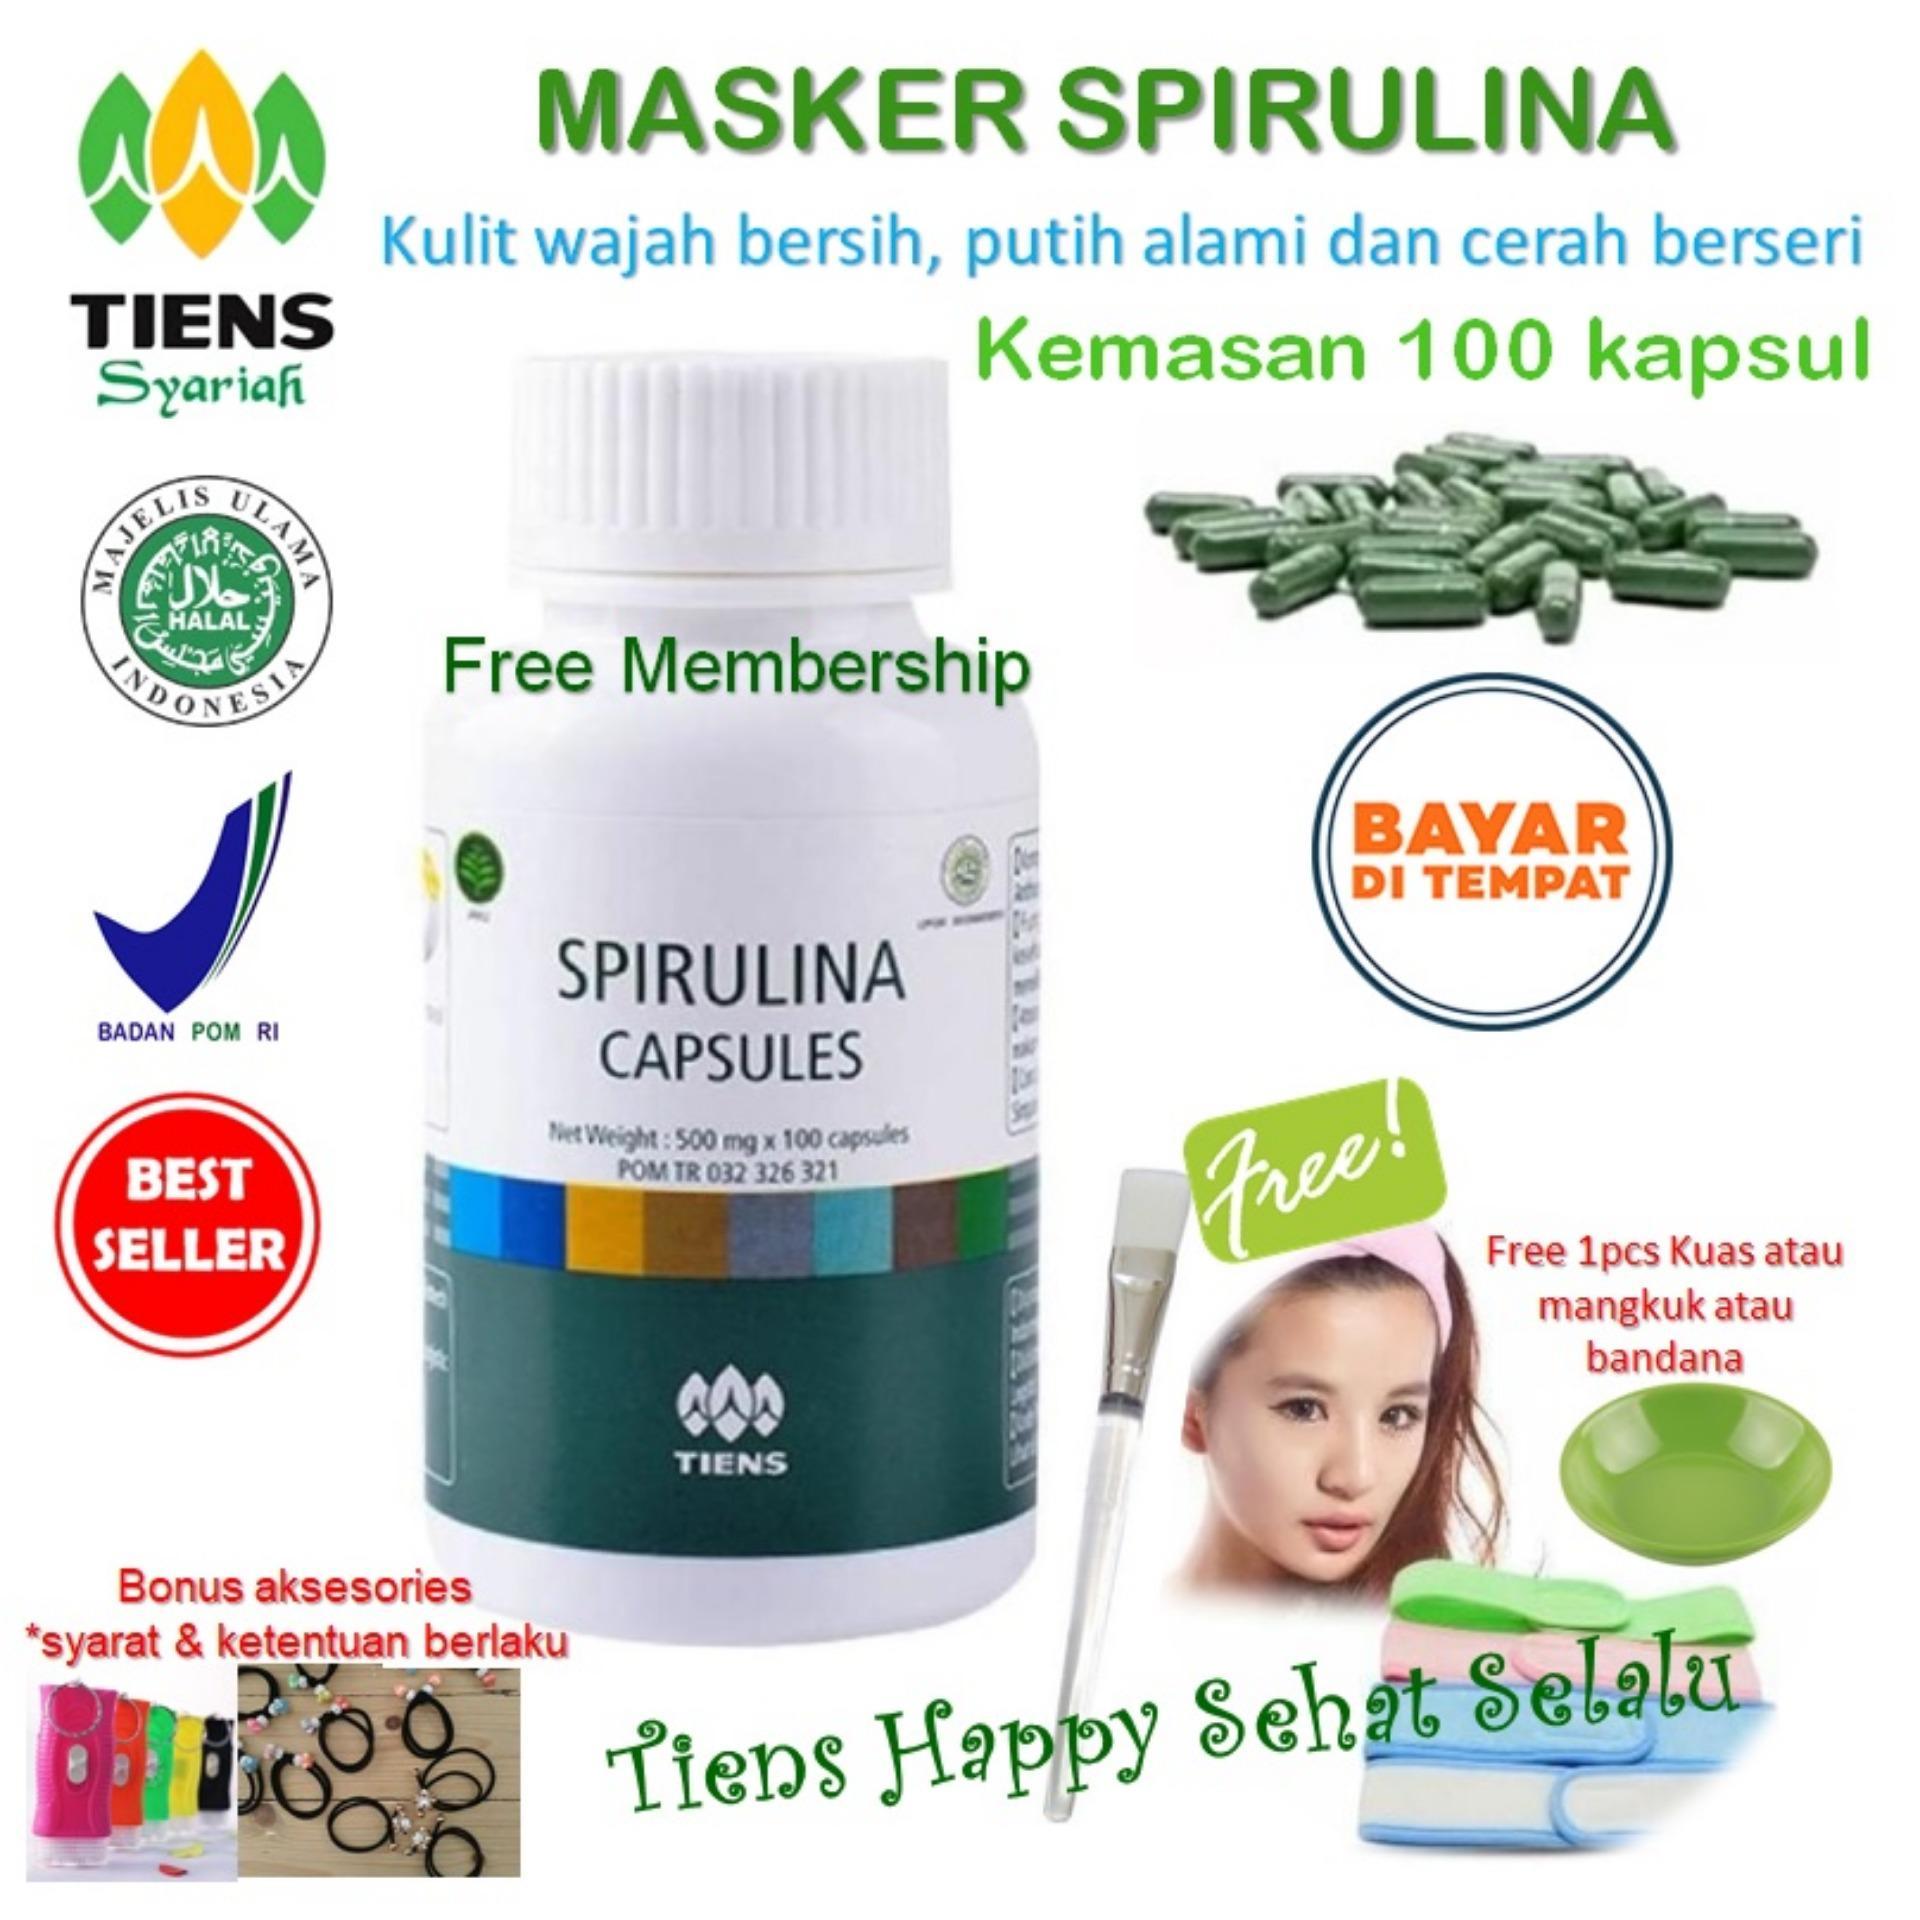 Spesifikasi Masker Tiens Spirulina Herbal Pemutih Wajah Isi 100 Kapsul Promo Yang Bagus